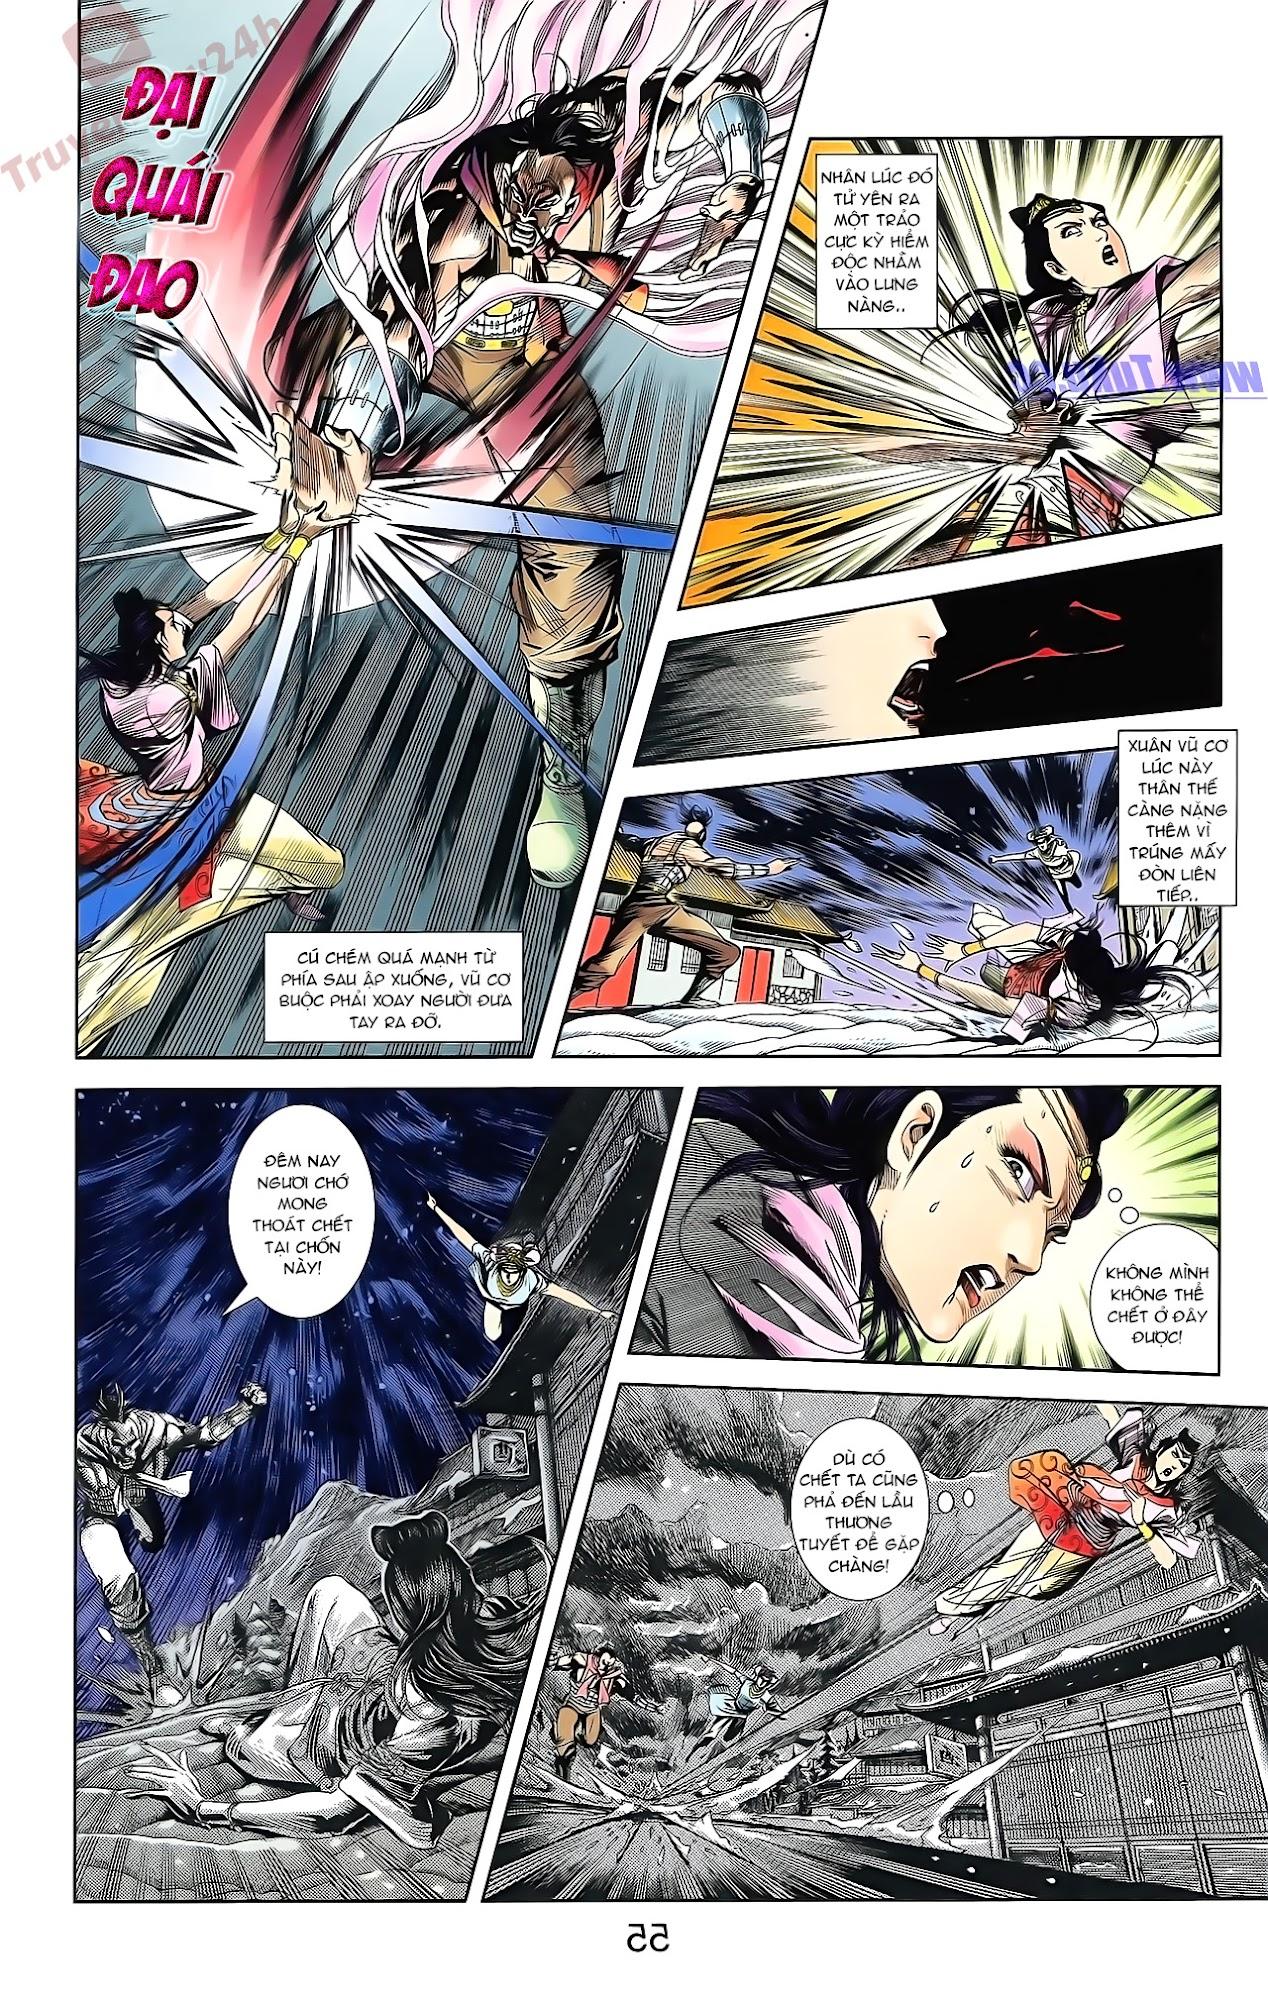 Tần Vương Doanh Chính chapter 51 trang 22